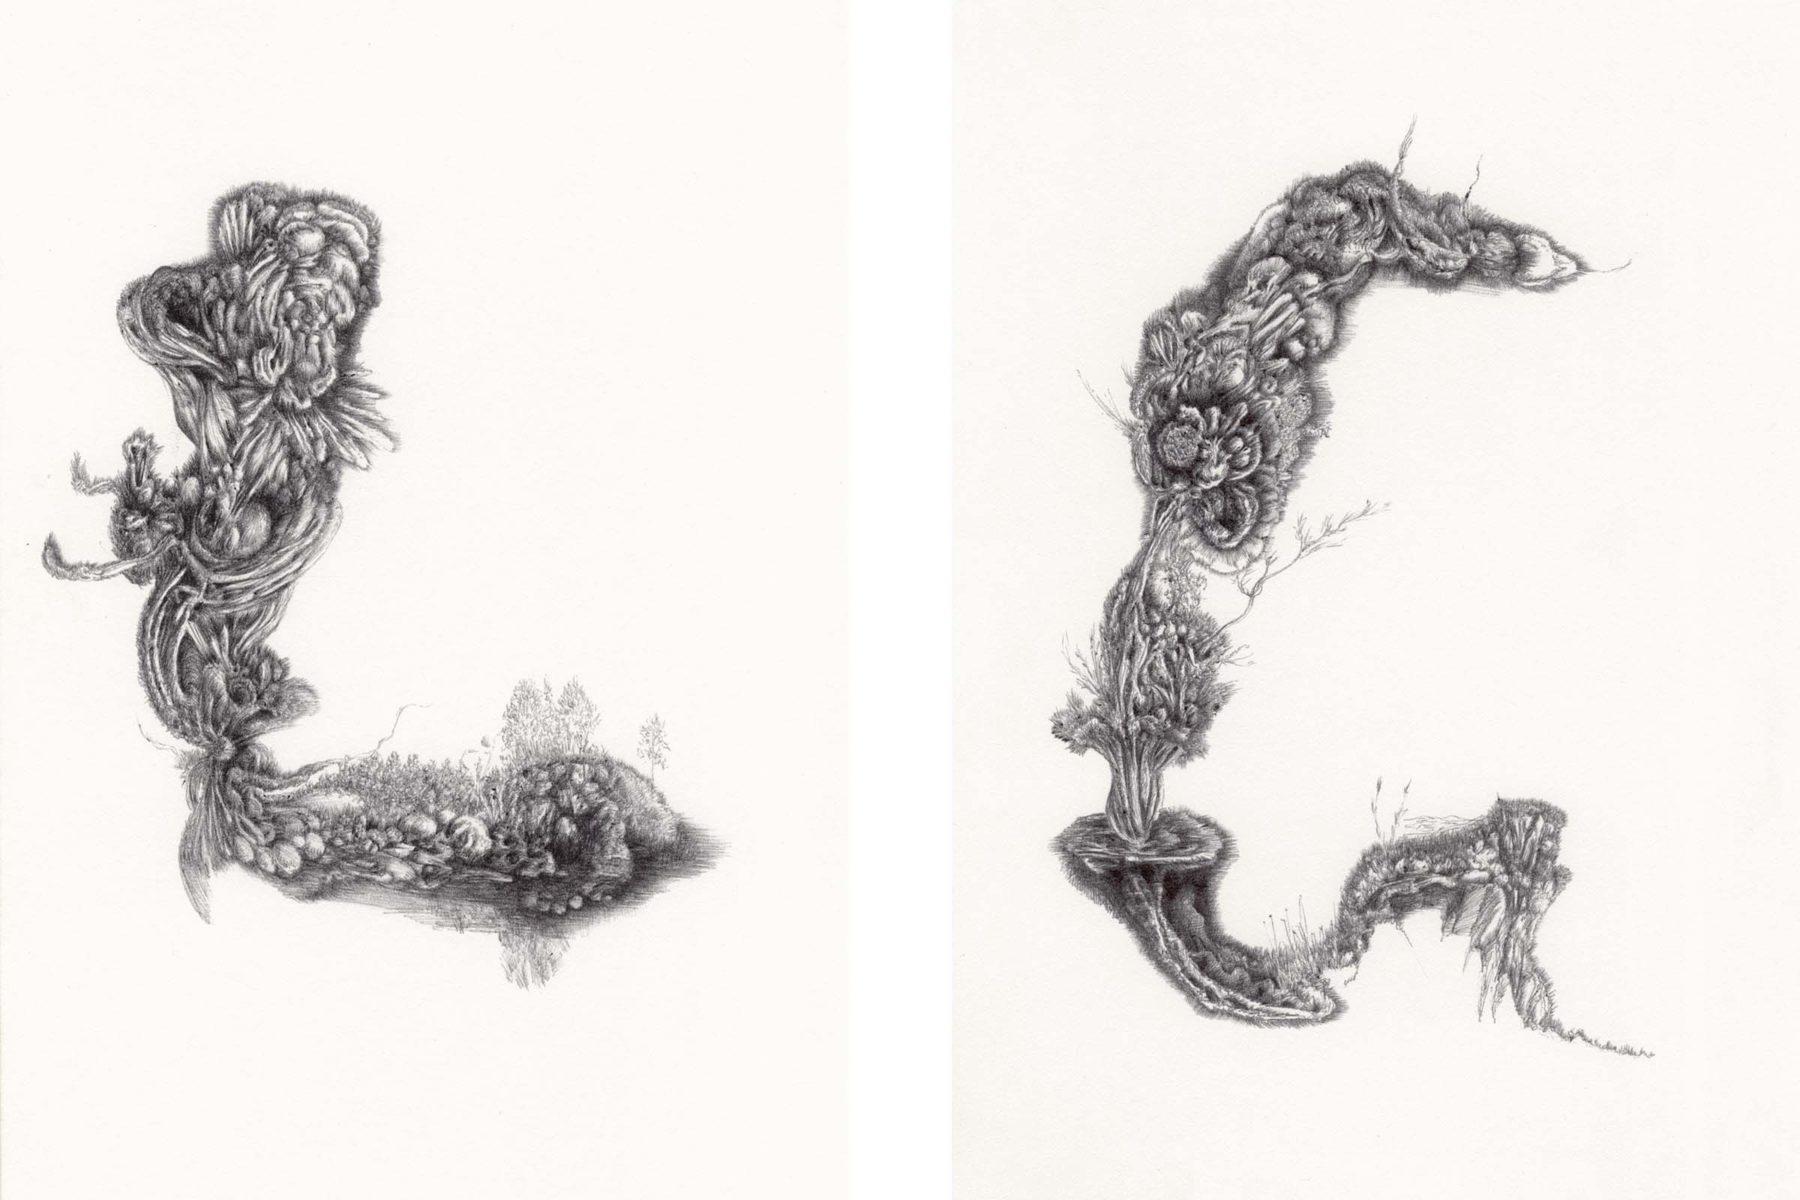 Carlos Ceci, Disegno non titolato #1, 2012, pencil on paper, 26 x 18 each